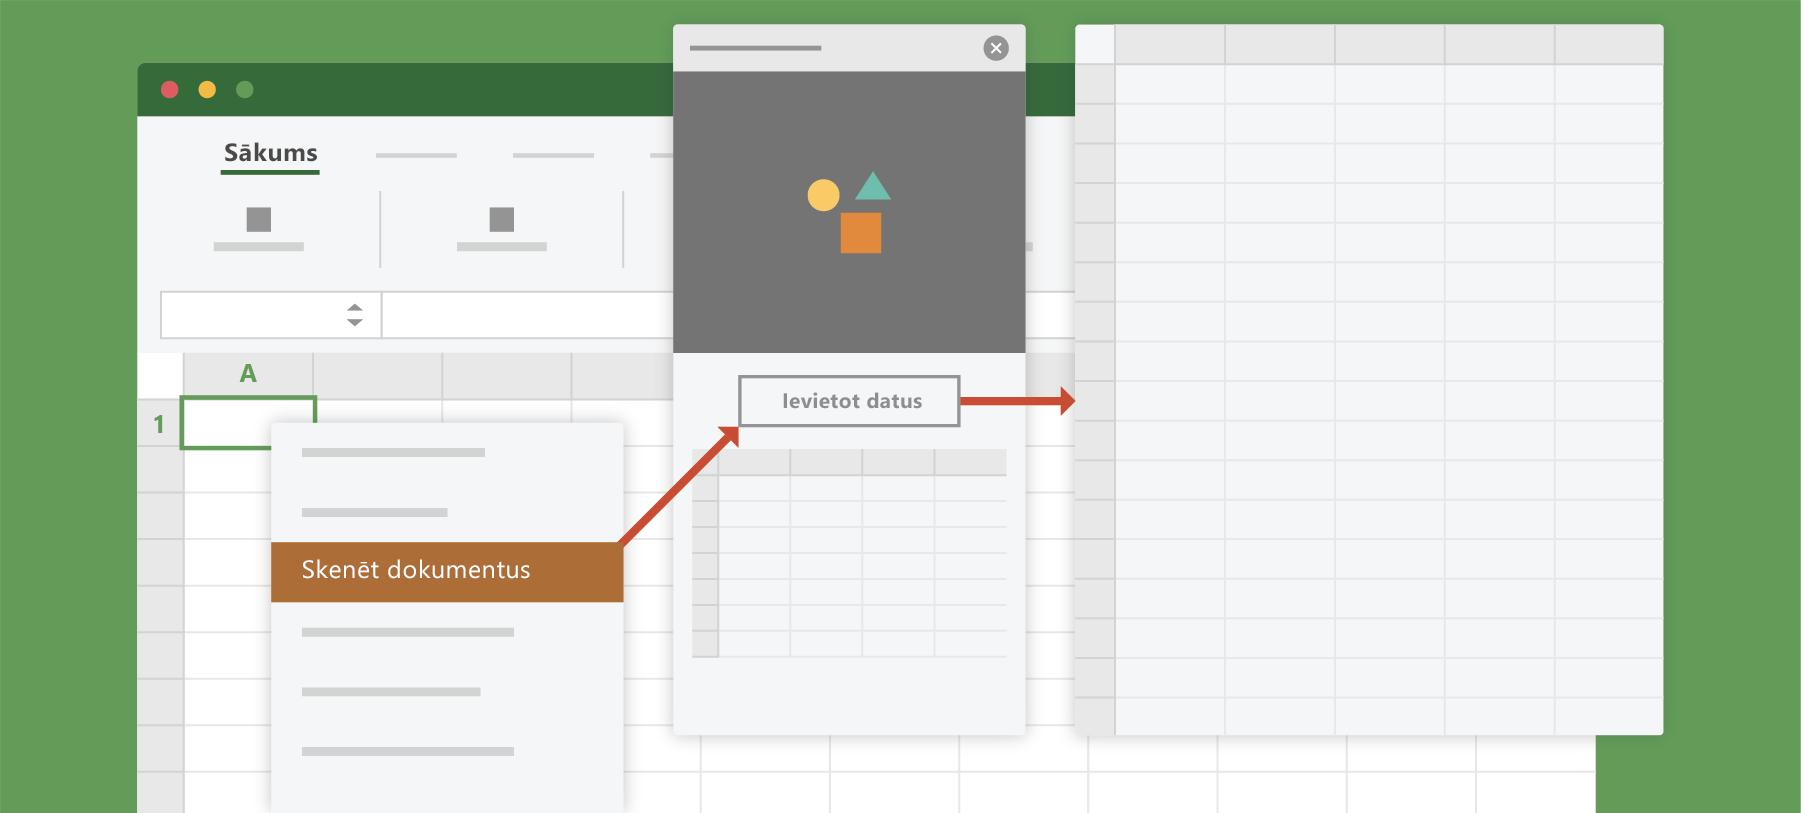 Tiek rādīta opcija skenēt dokumentu programmā Excel